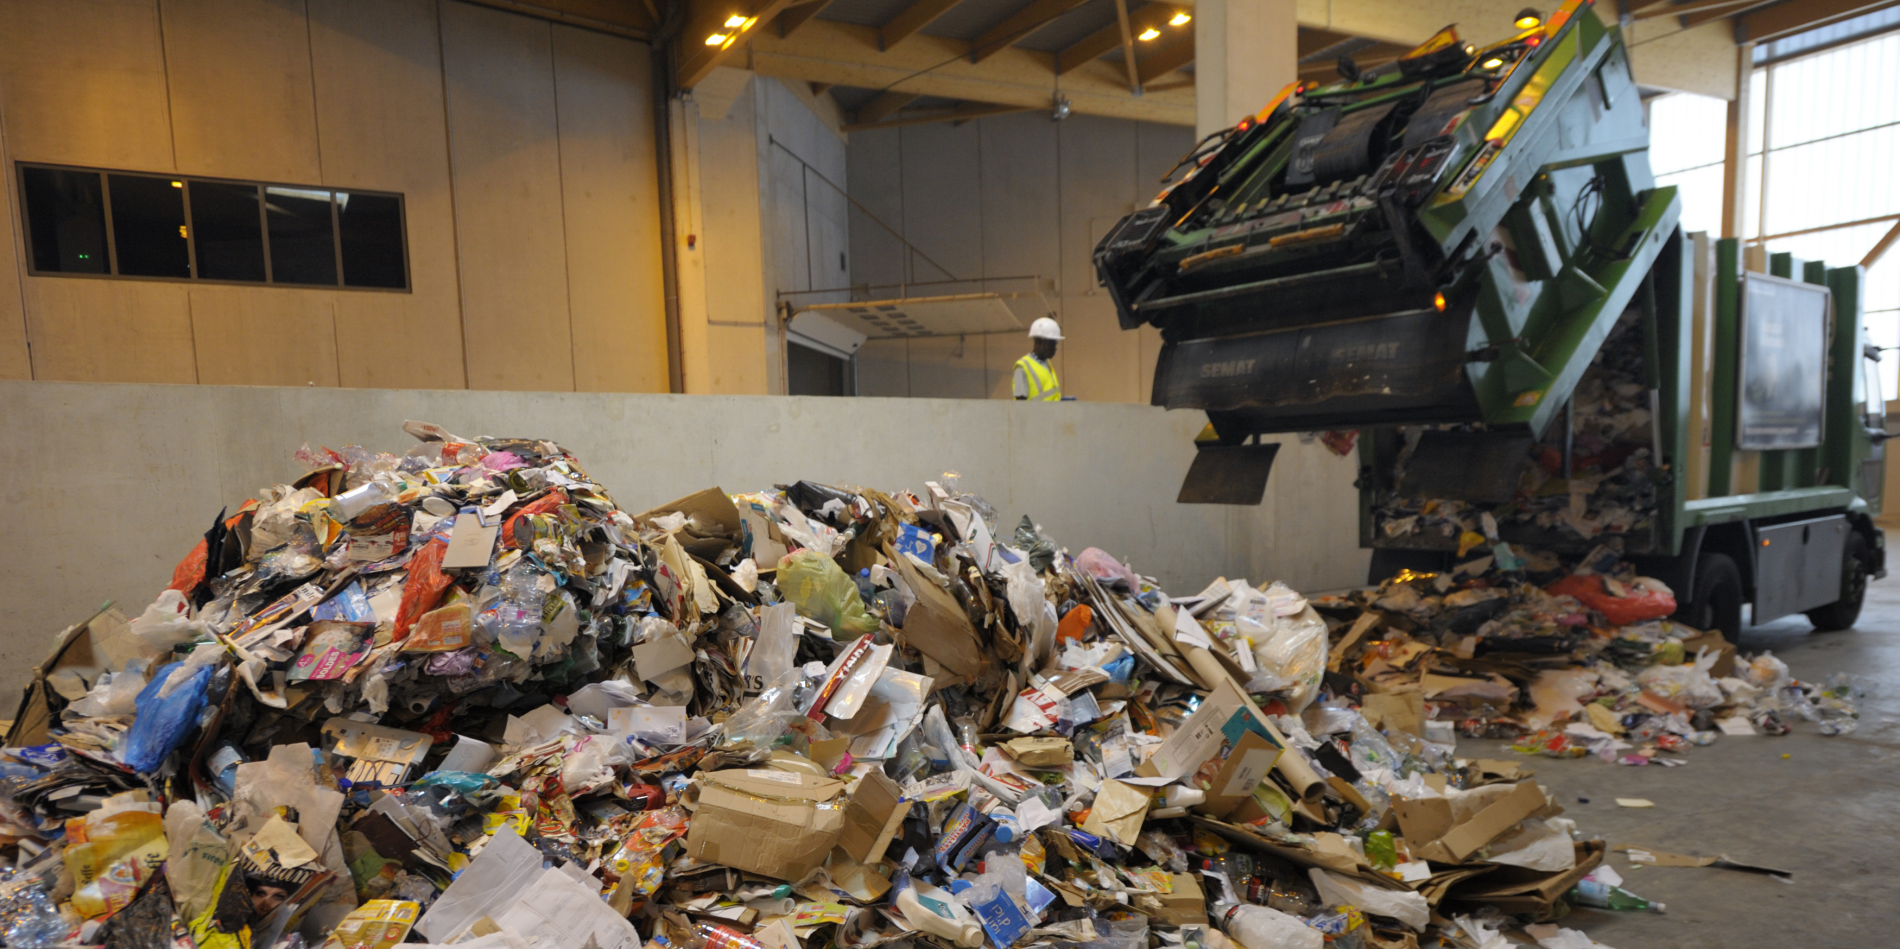 Taxe incitative des ordures ménagères : Des communes de Cœur de Nacre obtiennent un délai d'application